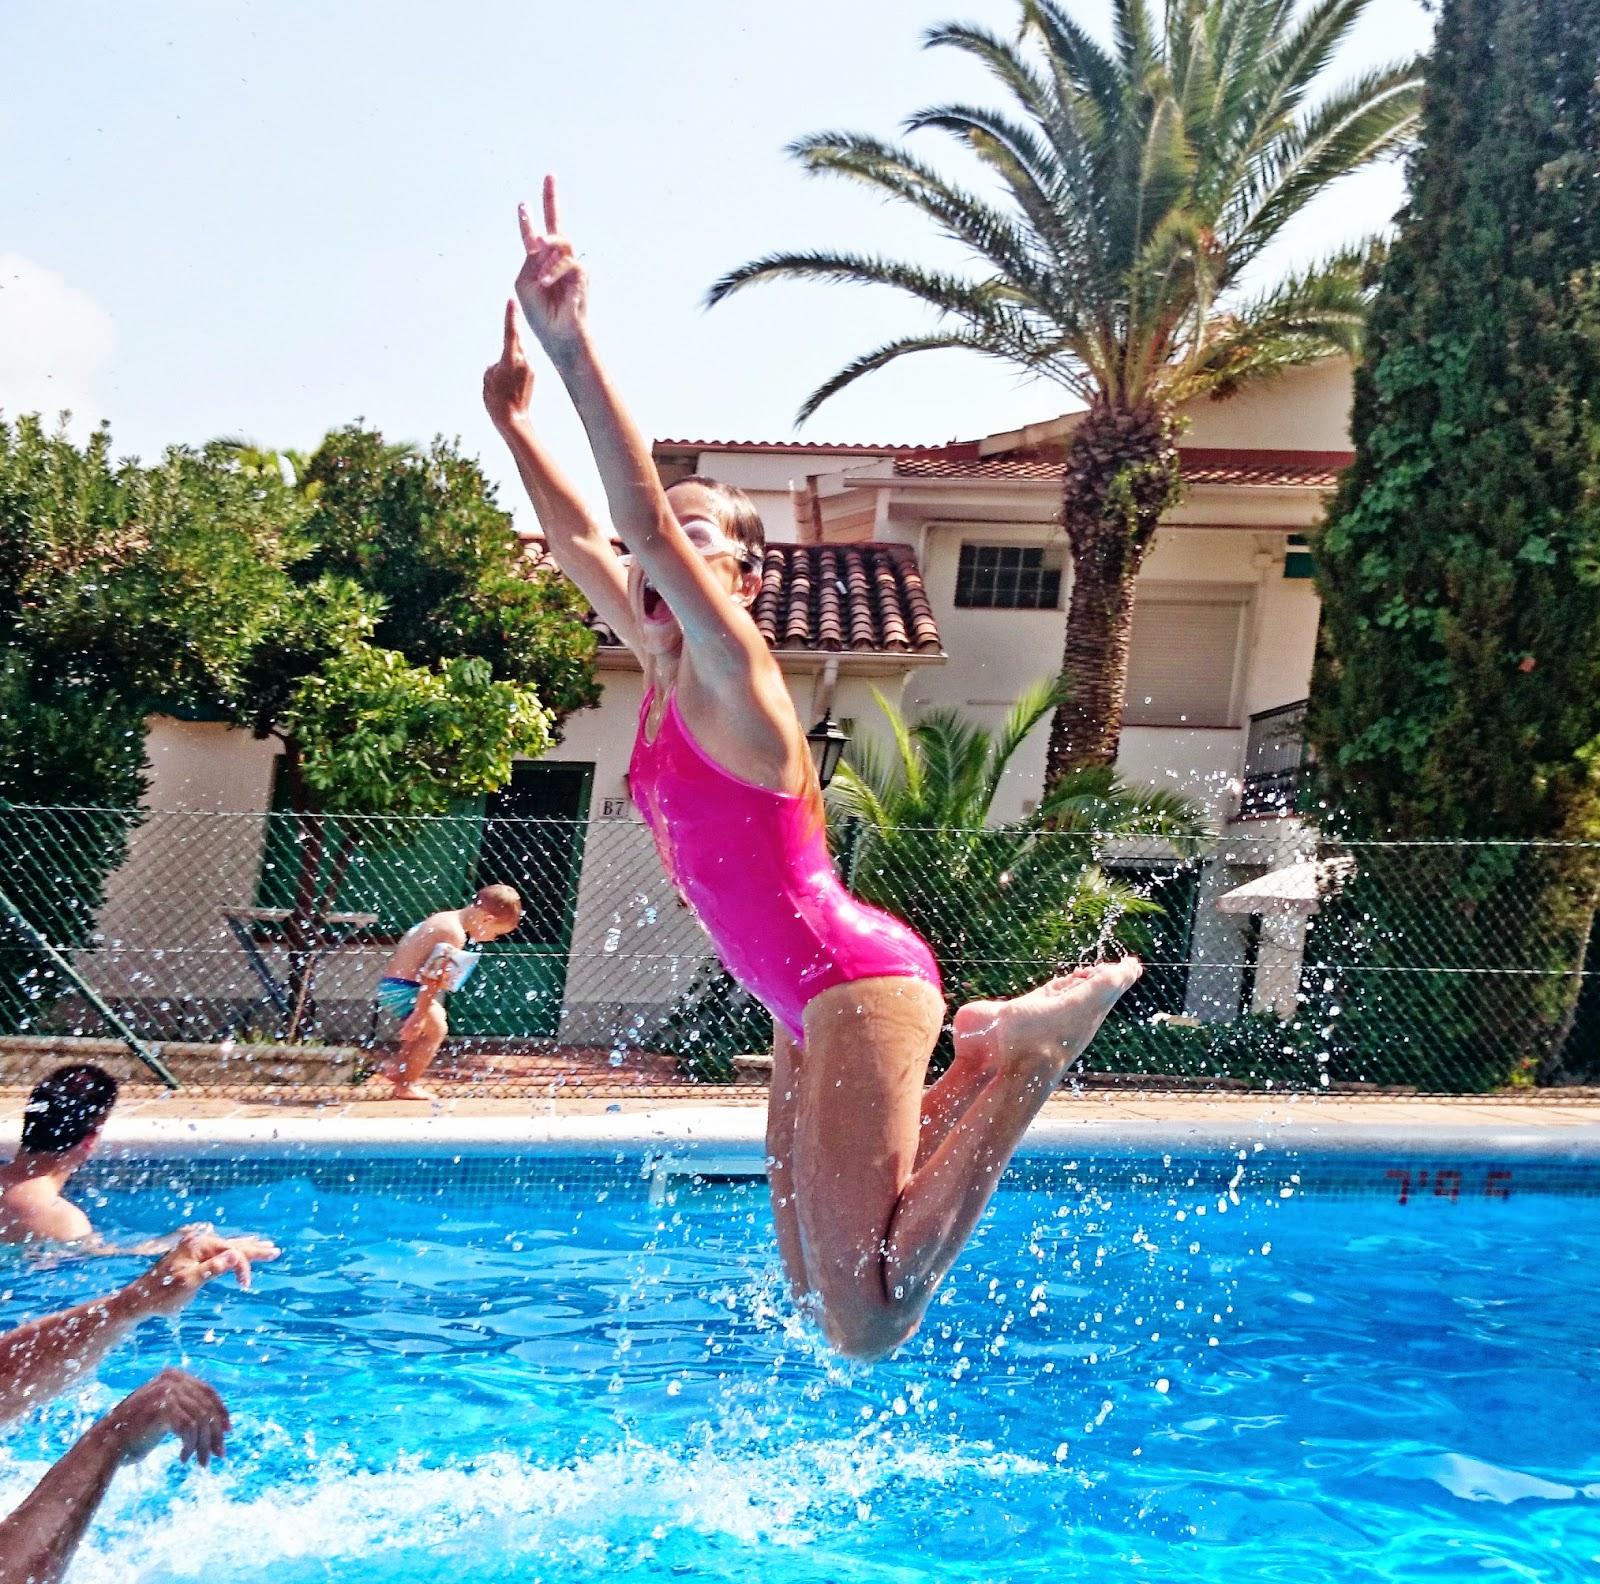 super zdjęcie,skok do wody,złapać moment skoku do wody,profesjonalne zdjęcie,palmy,artystyczne zdjęcia w ruchu,Barcelona,blog lifestyle